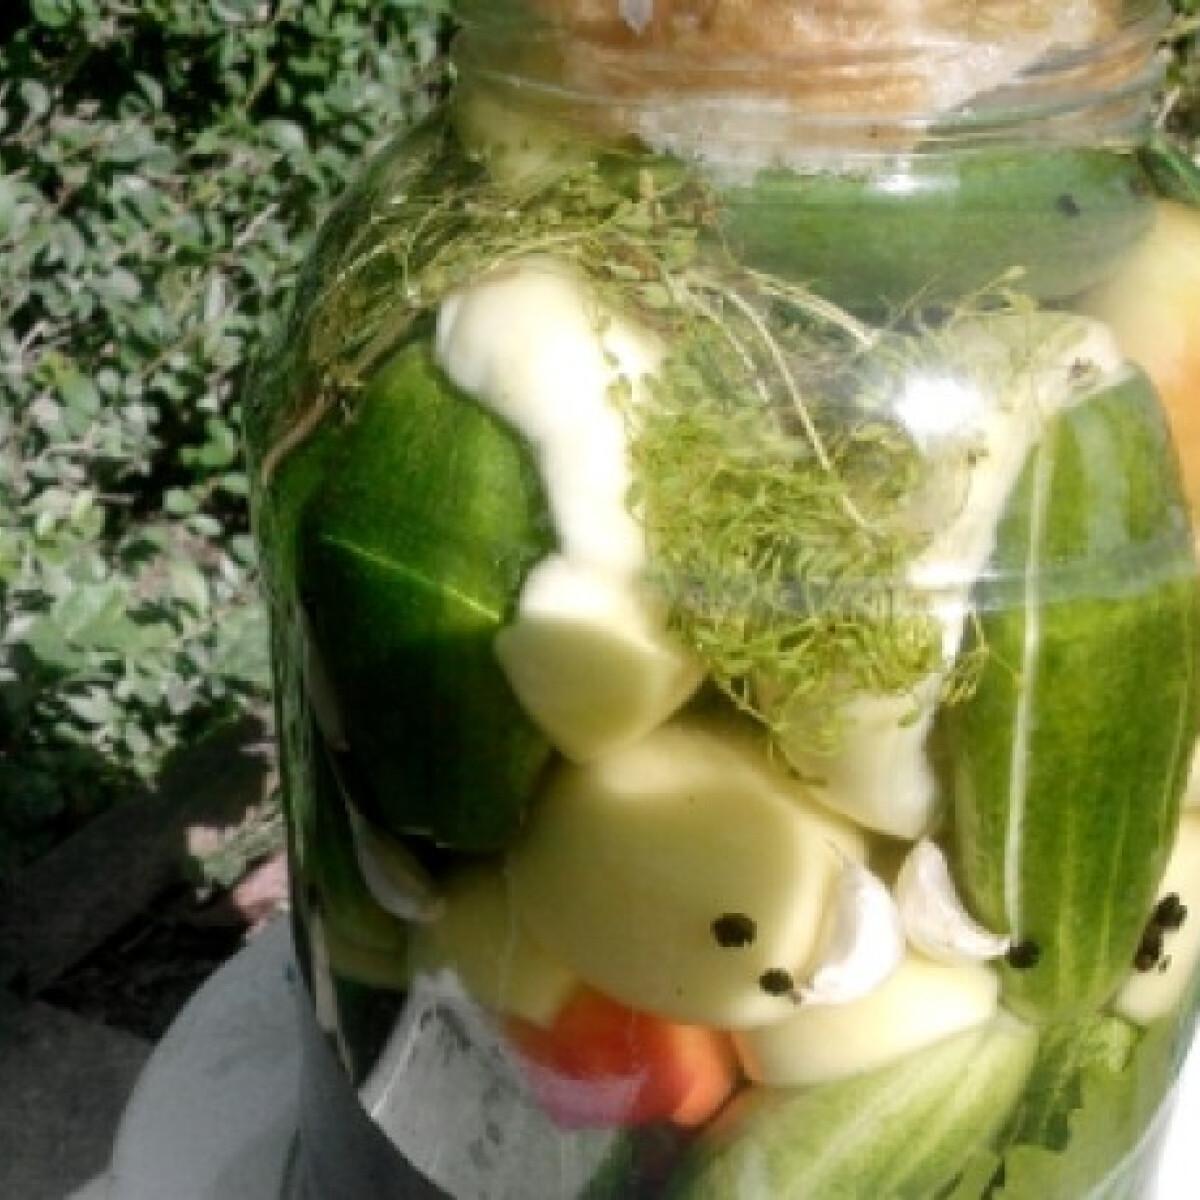 Ezen a képen: Kovászos almapaprika uborkával